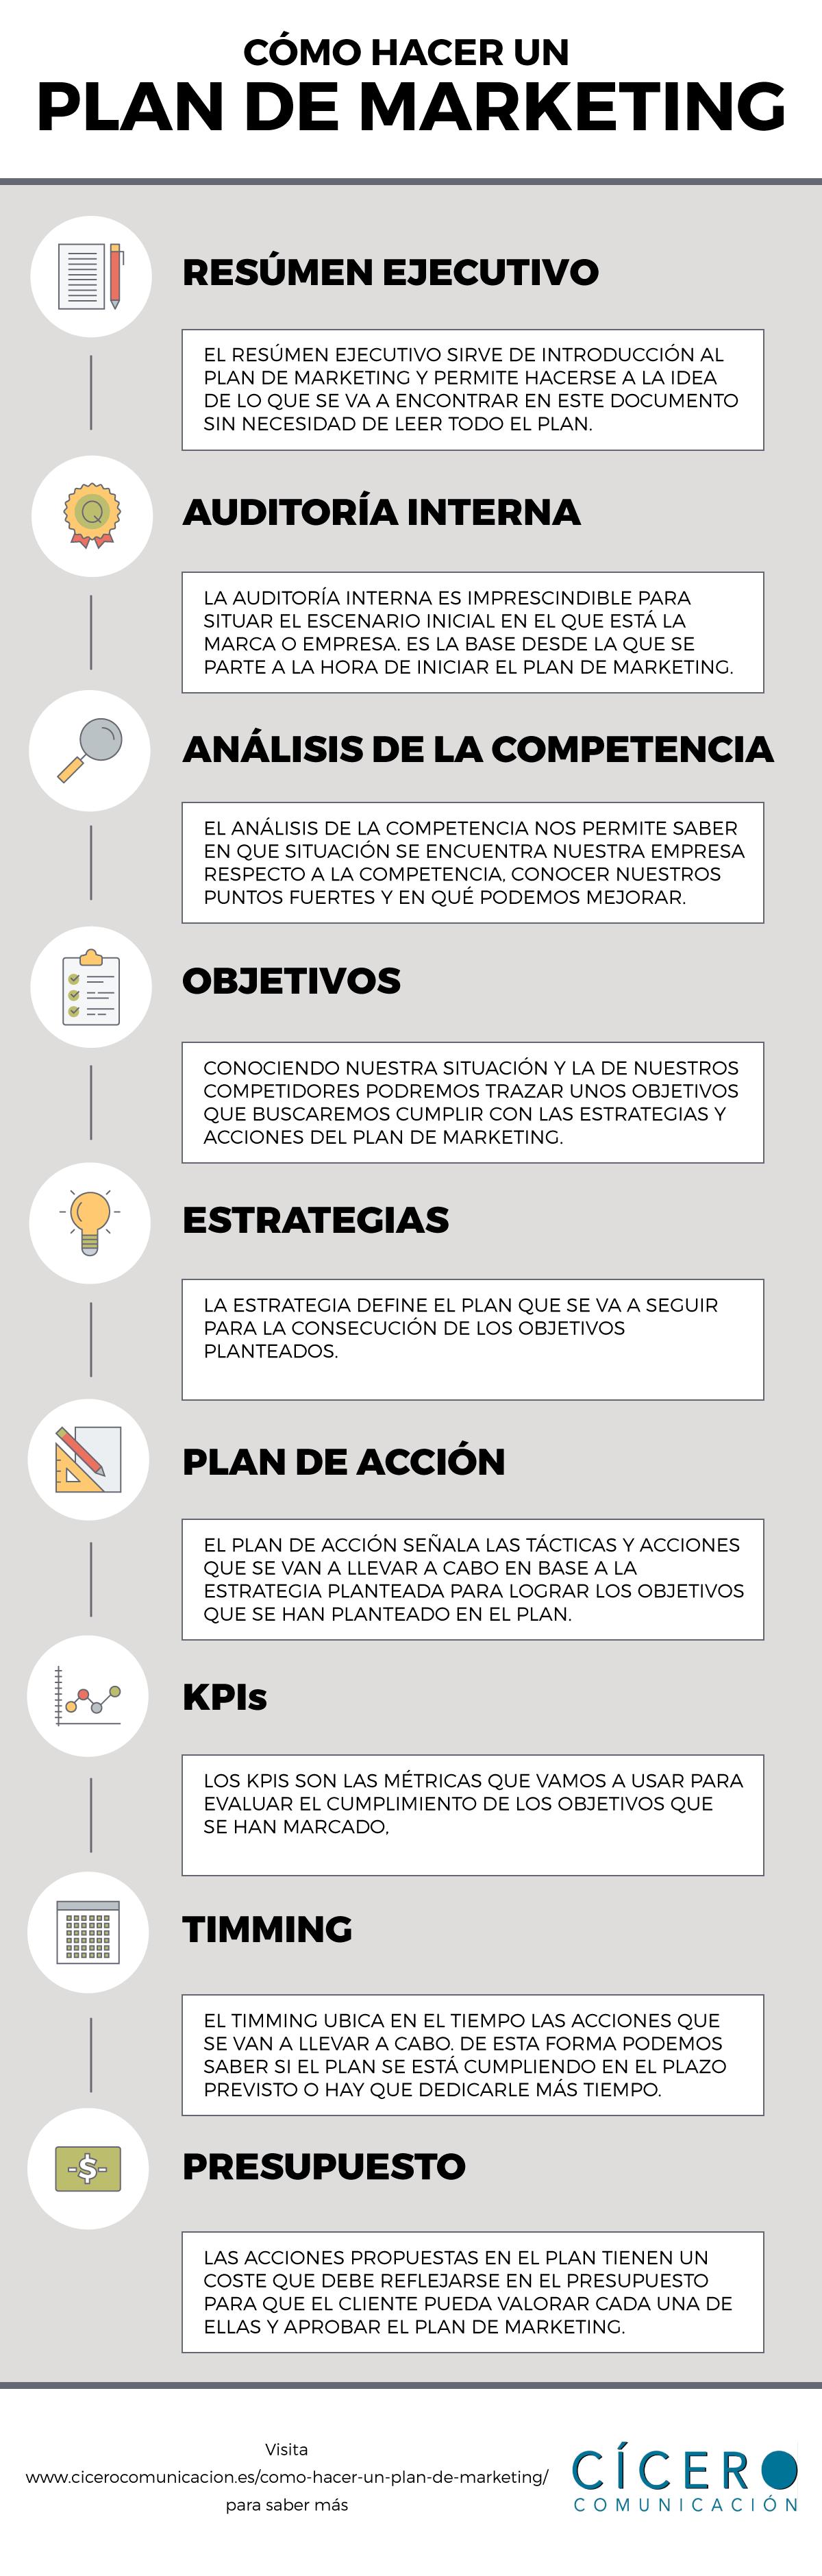 Infografía cómo hacer un plan de marketing